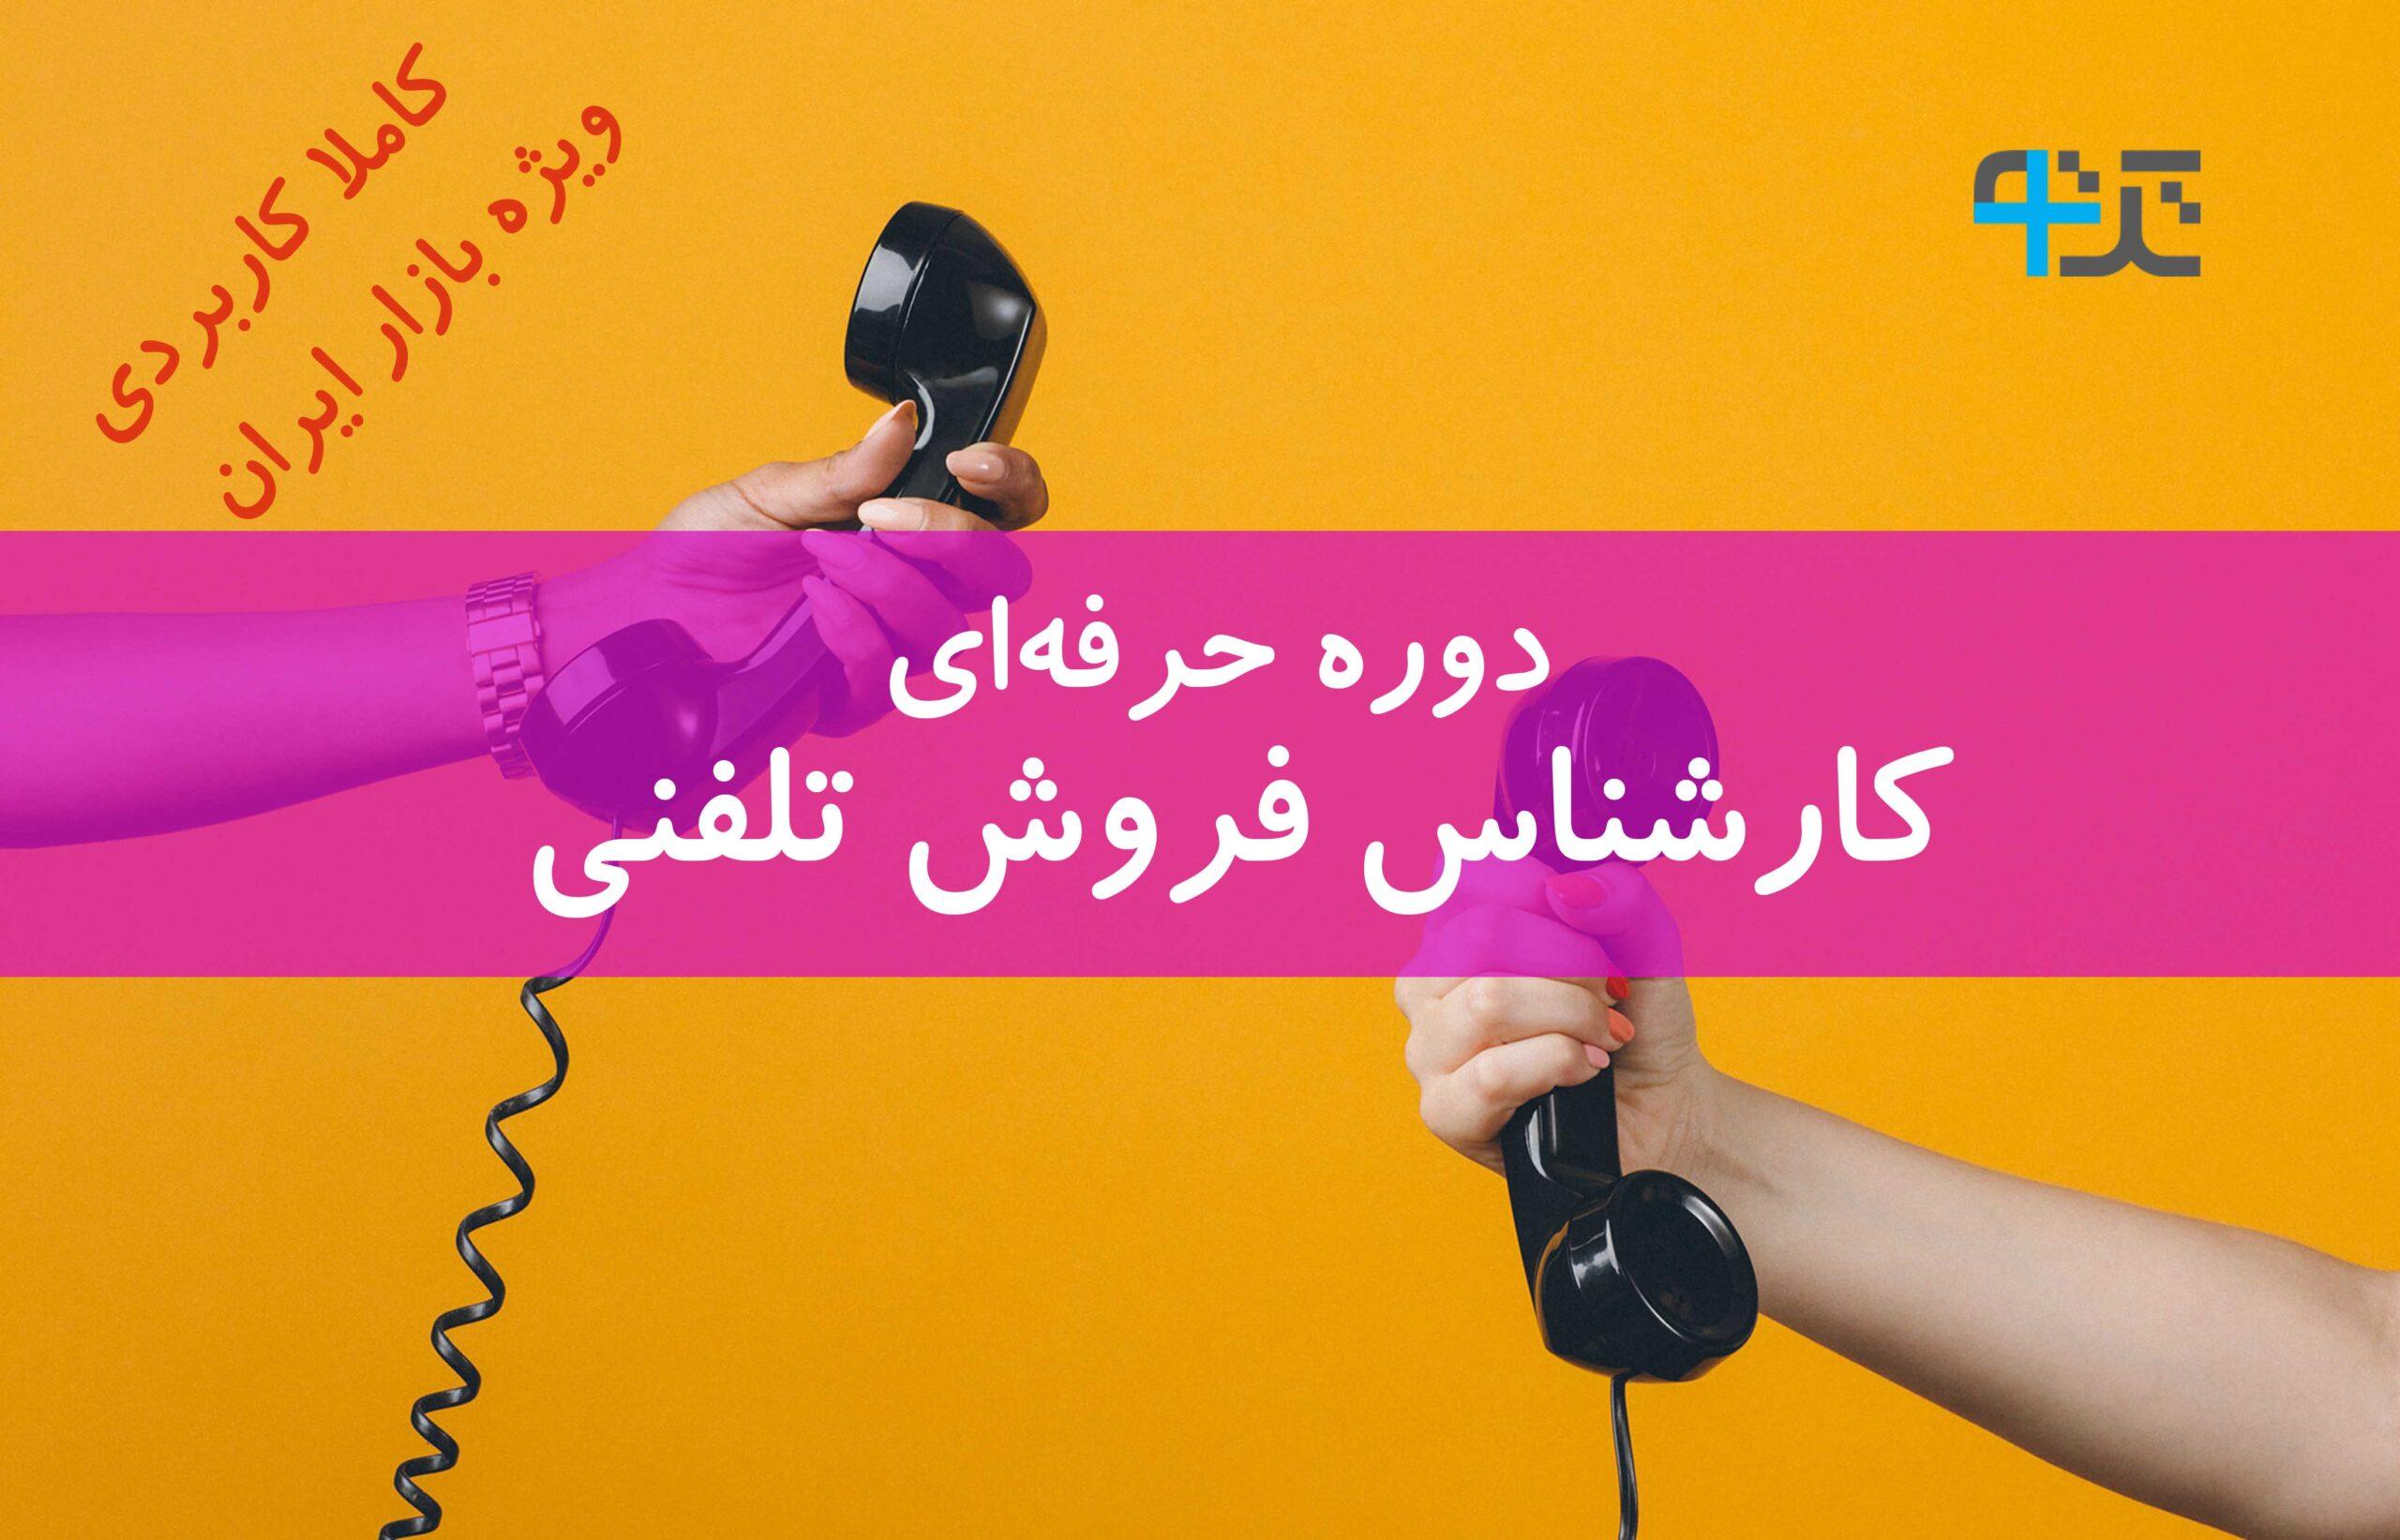 کارشناس فروش تلفنی